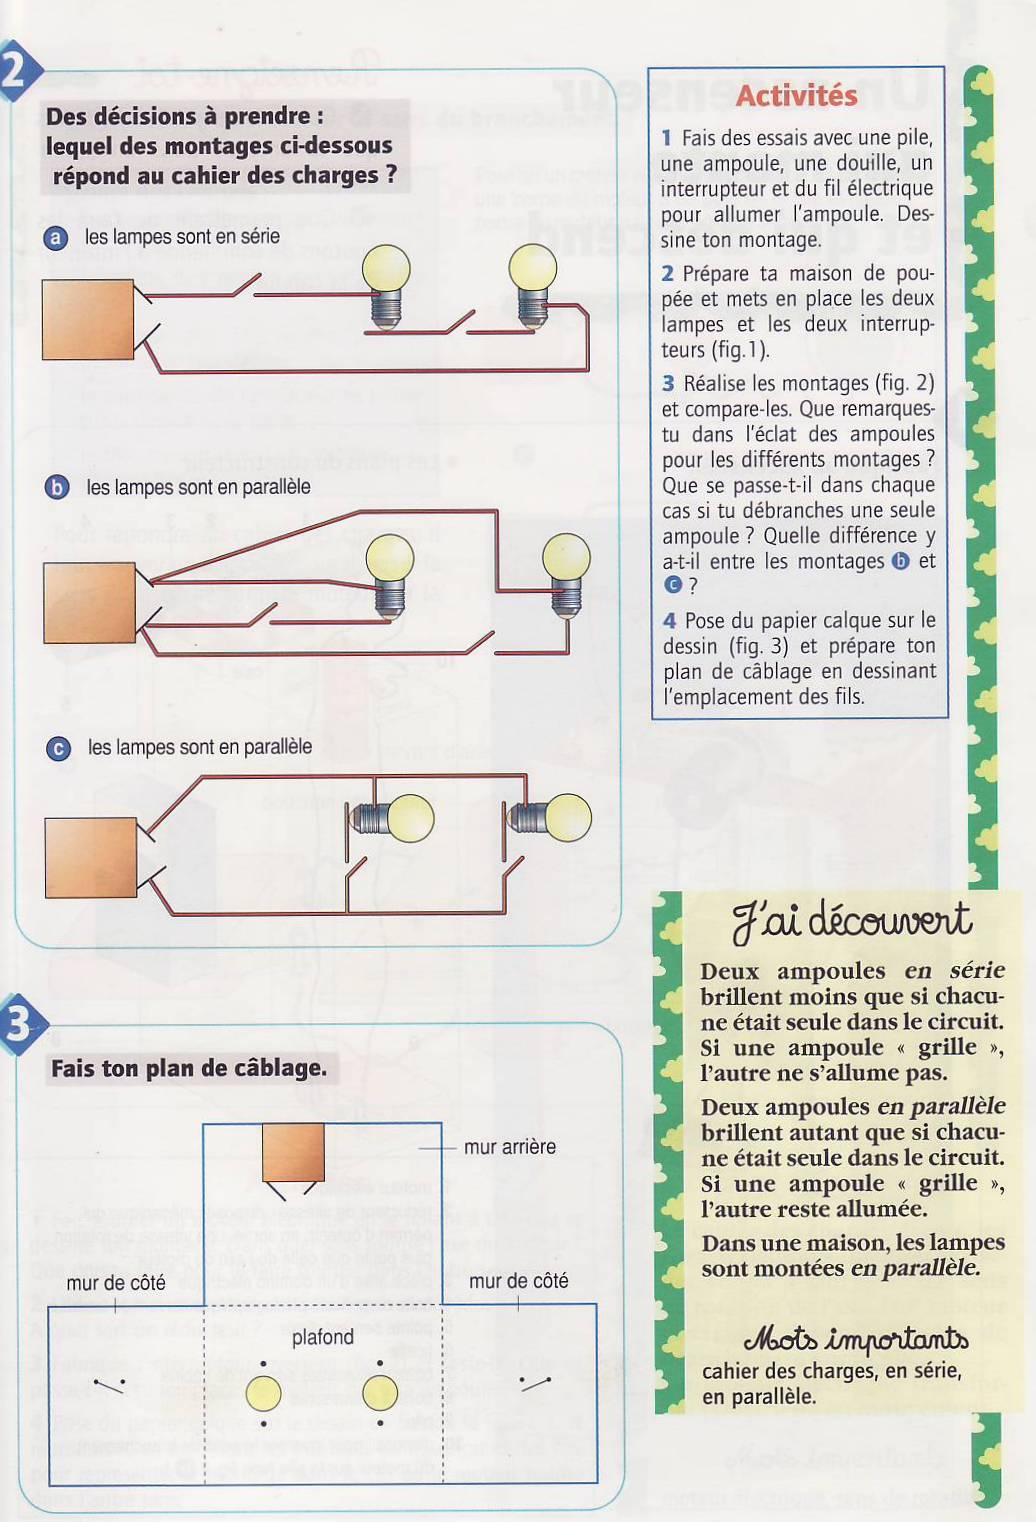 installe l'électricté 2